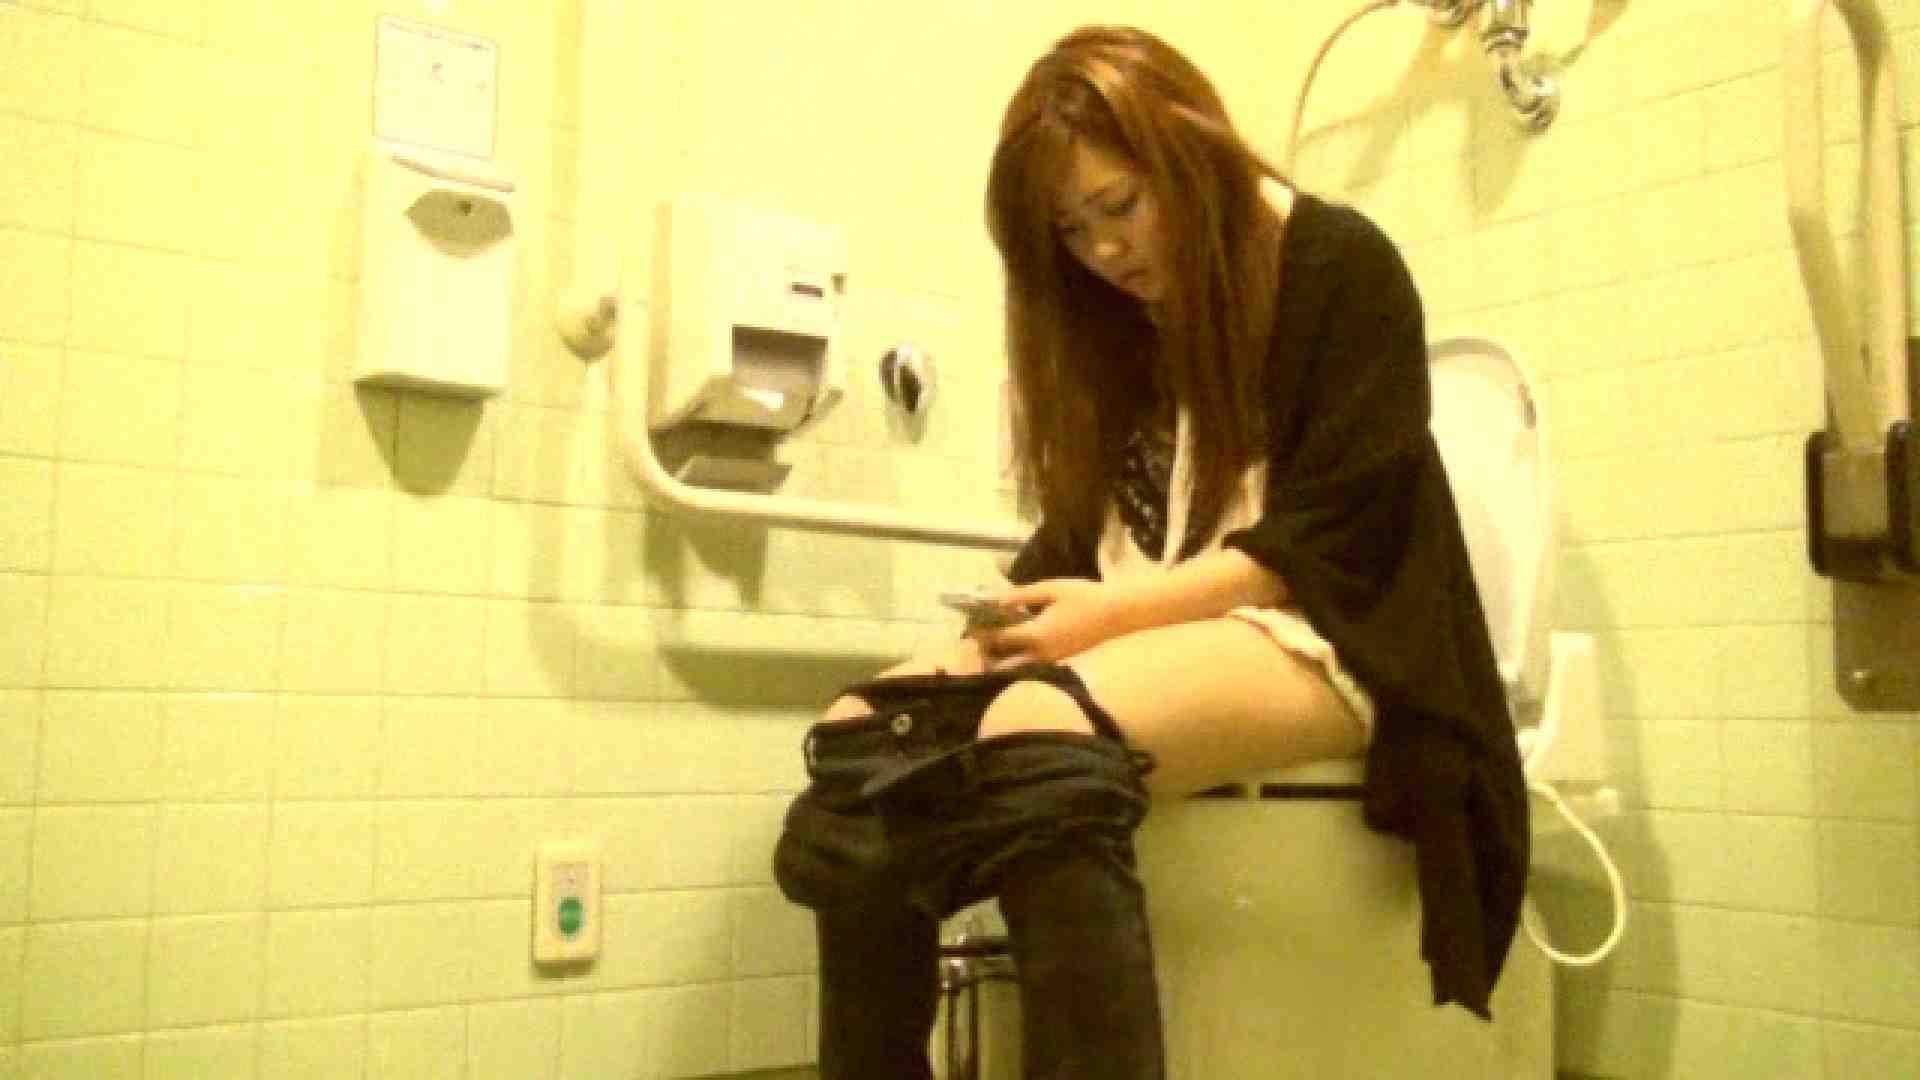 魔術師の お・も・て・な・し vol.26 19歳のバーの店員さんの洗面所をしばし… 美しいOLの裸体 | イタズラ  73pic 16